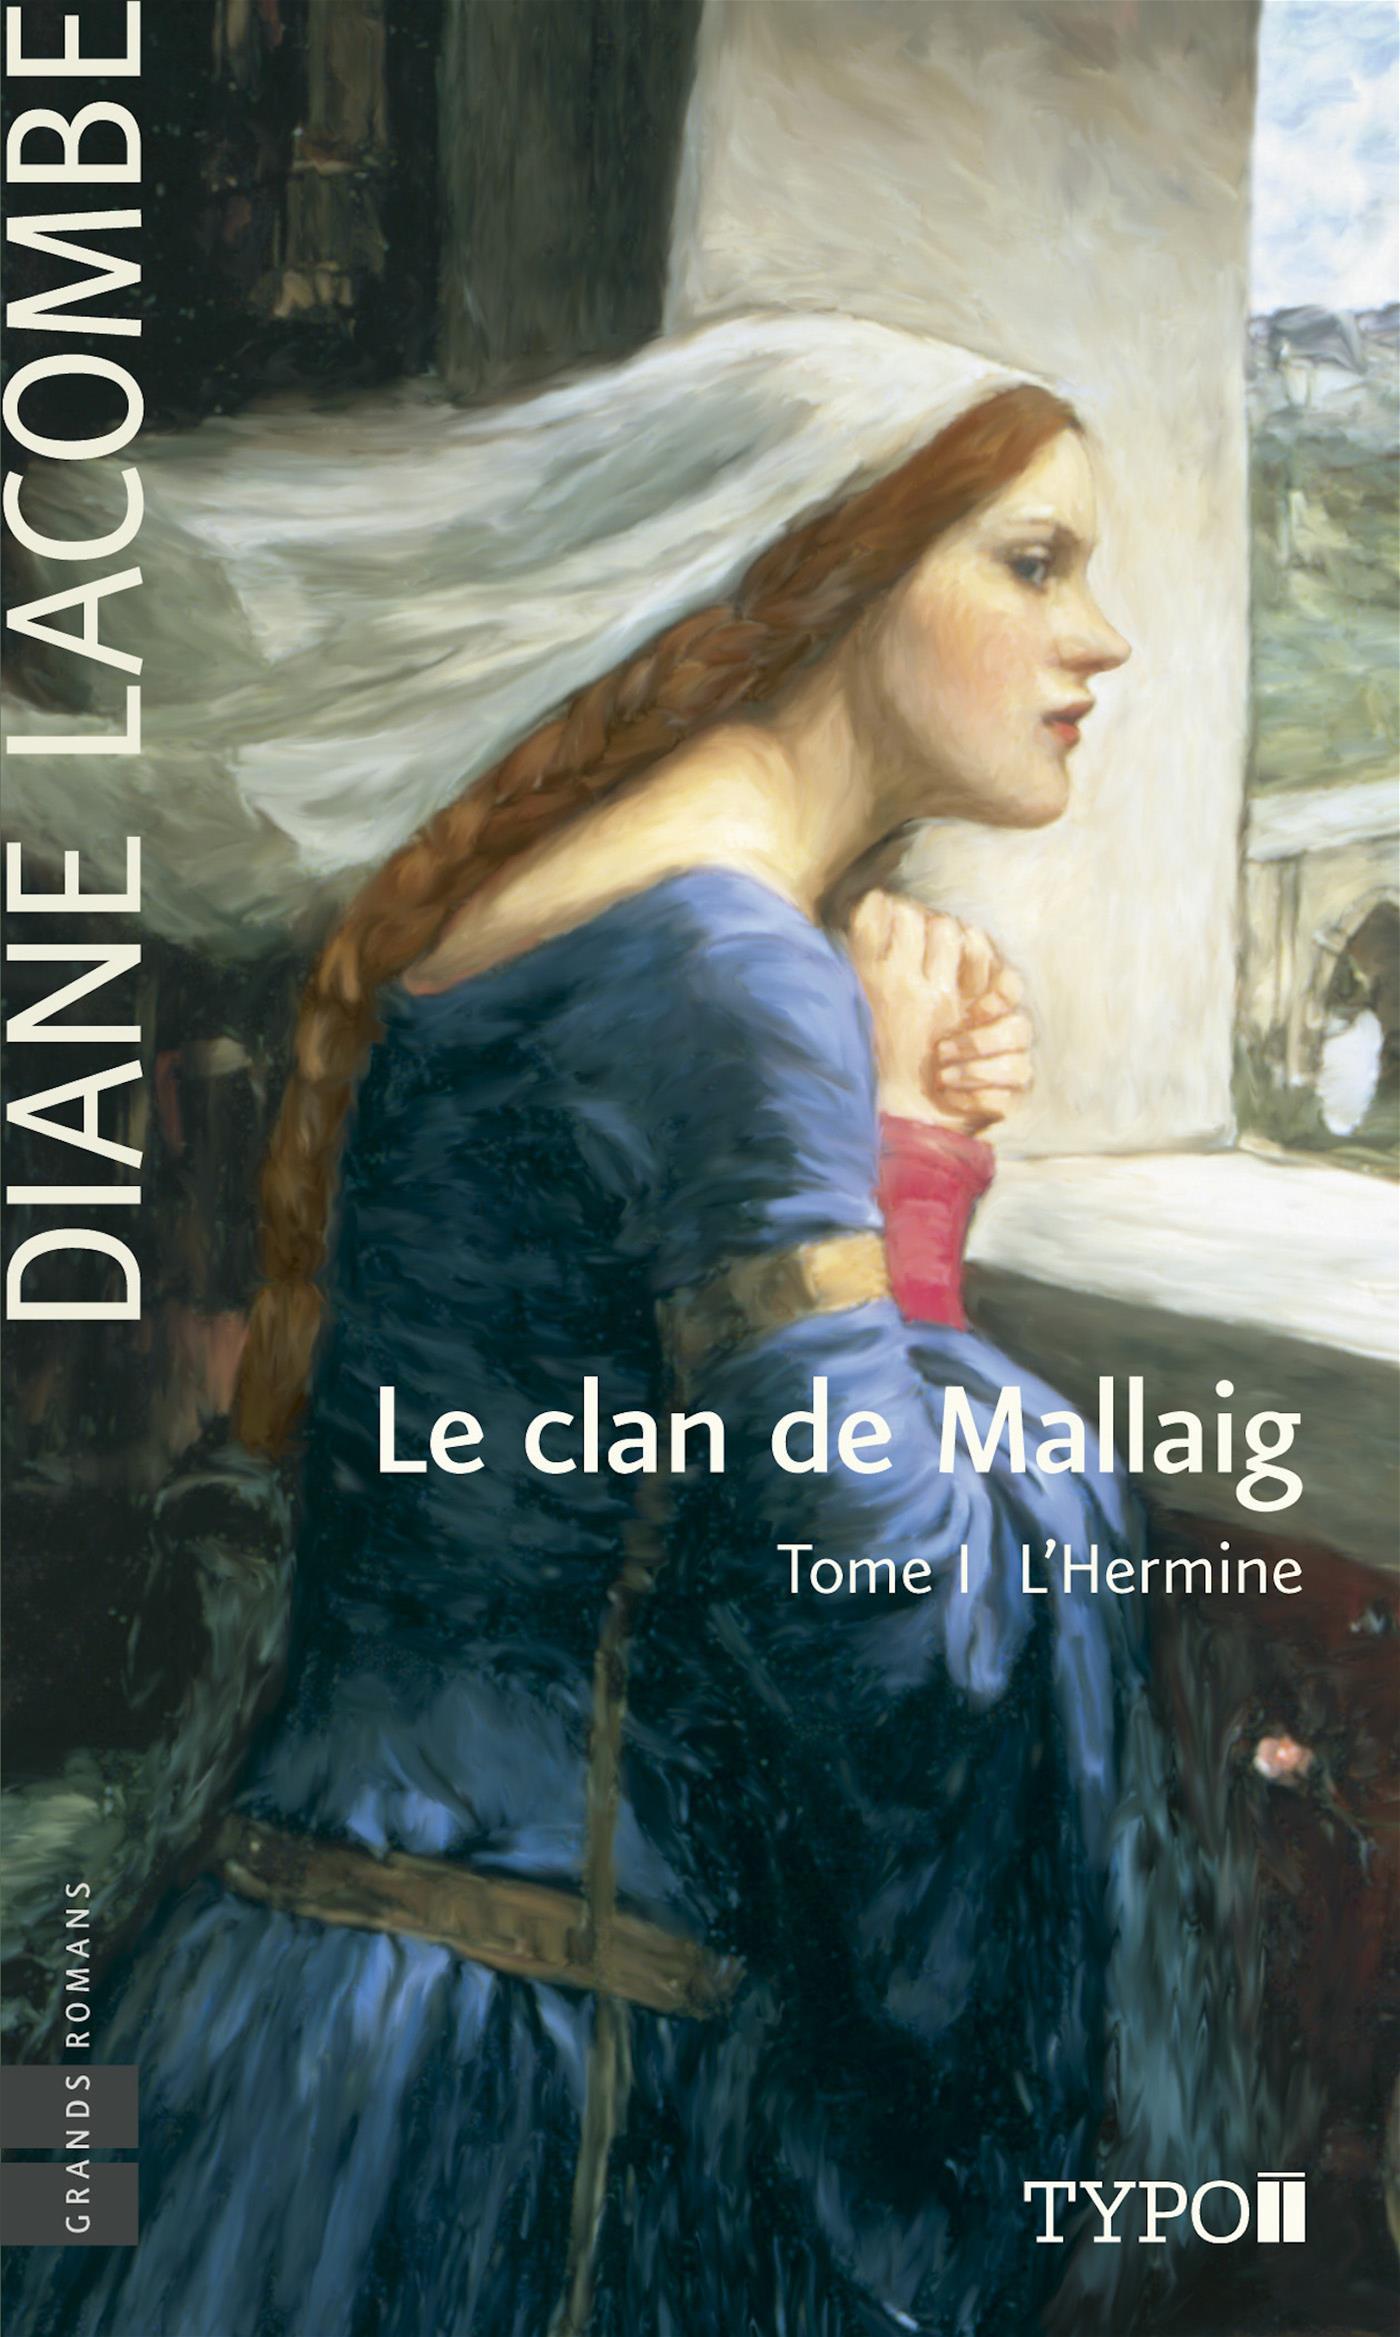 Le clan de Mallaig - Tome 1